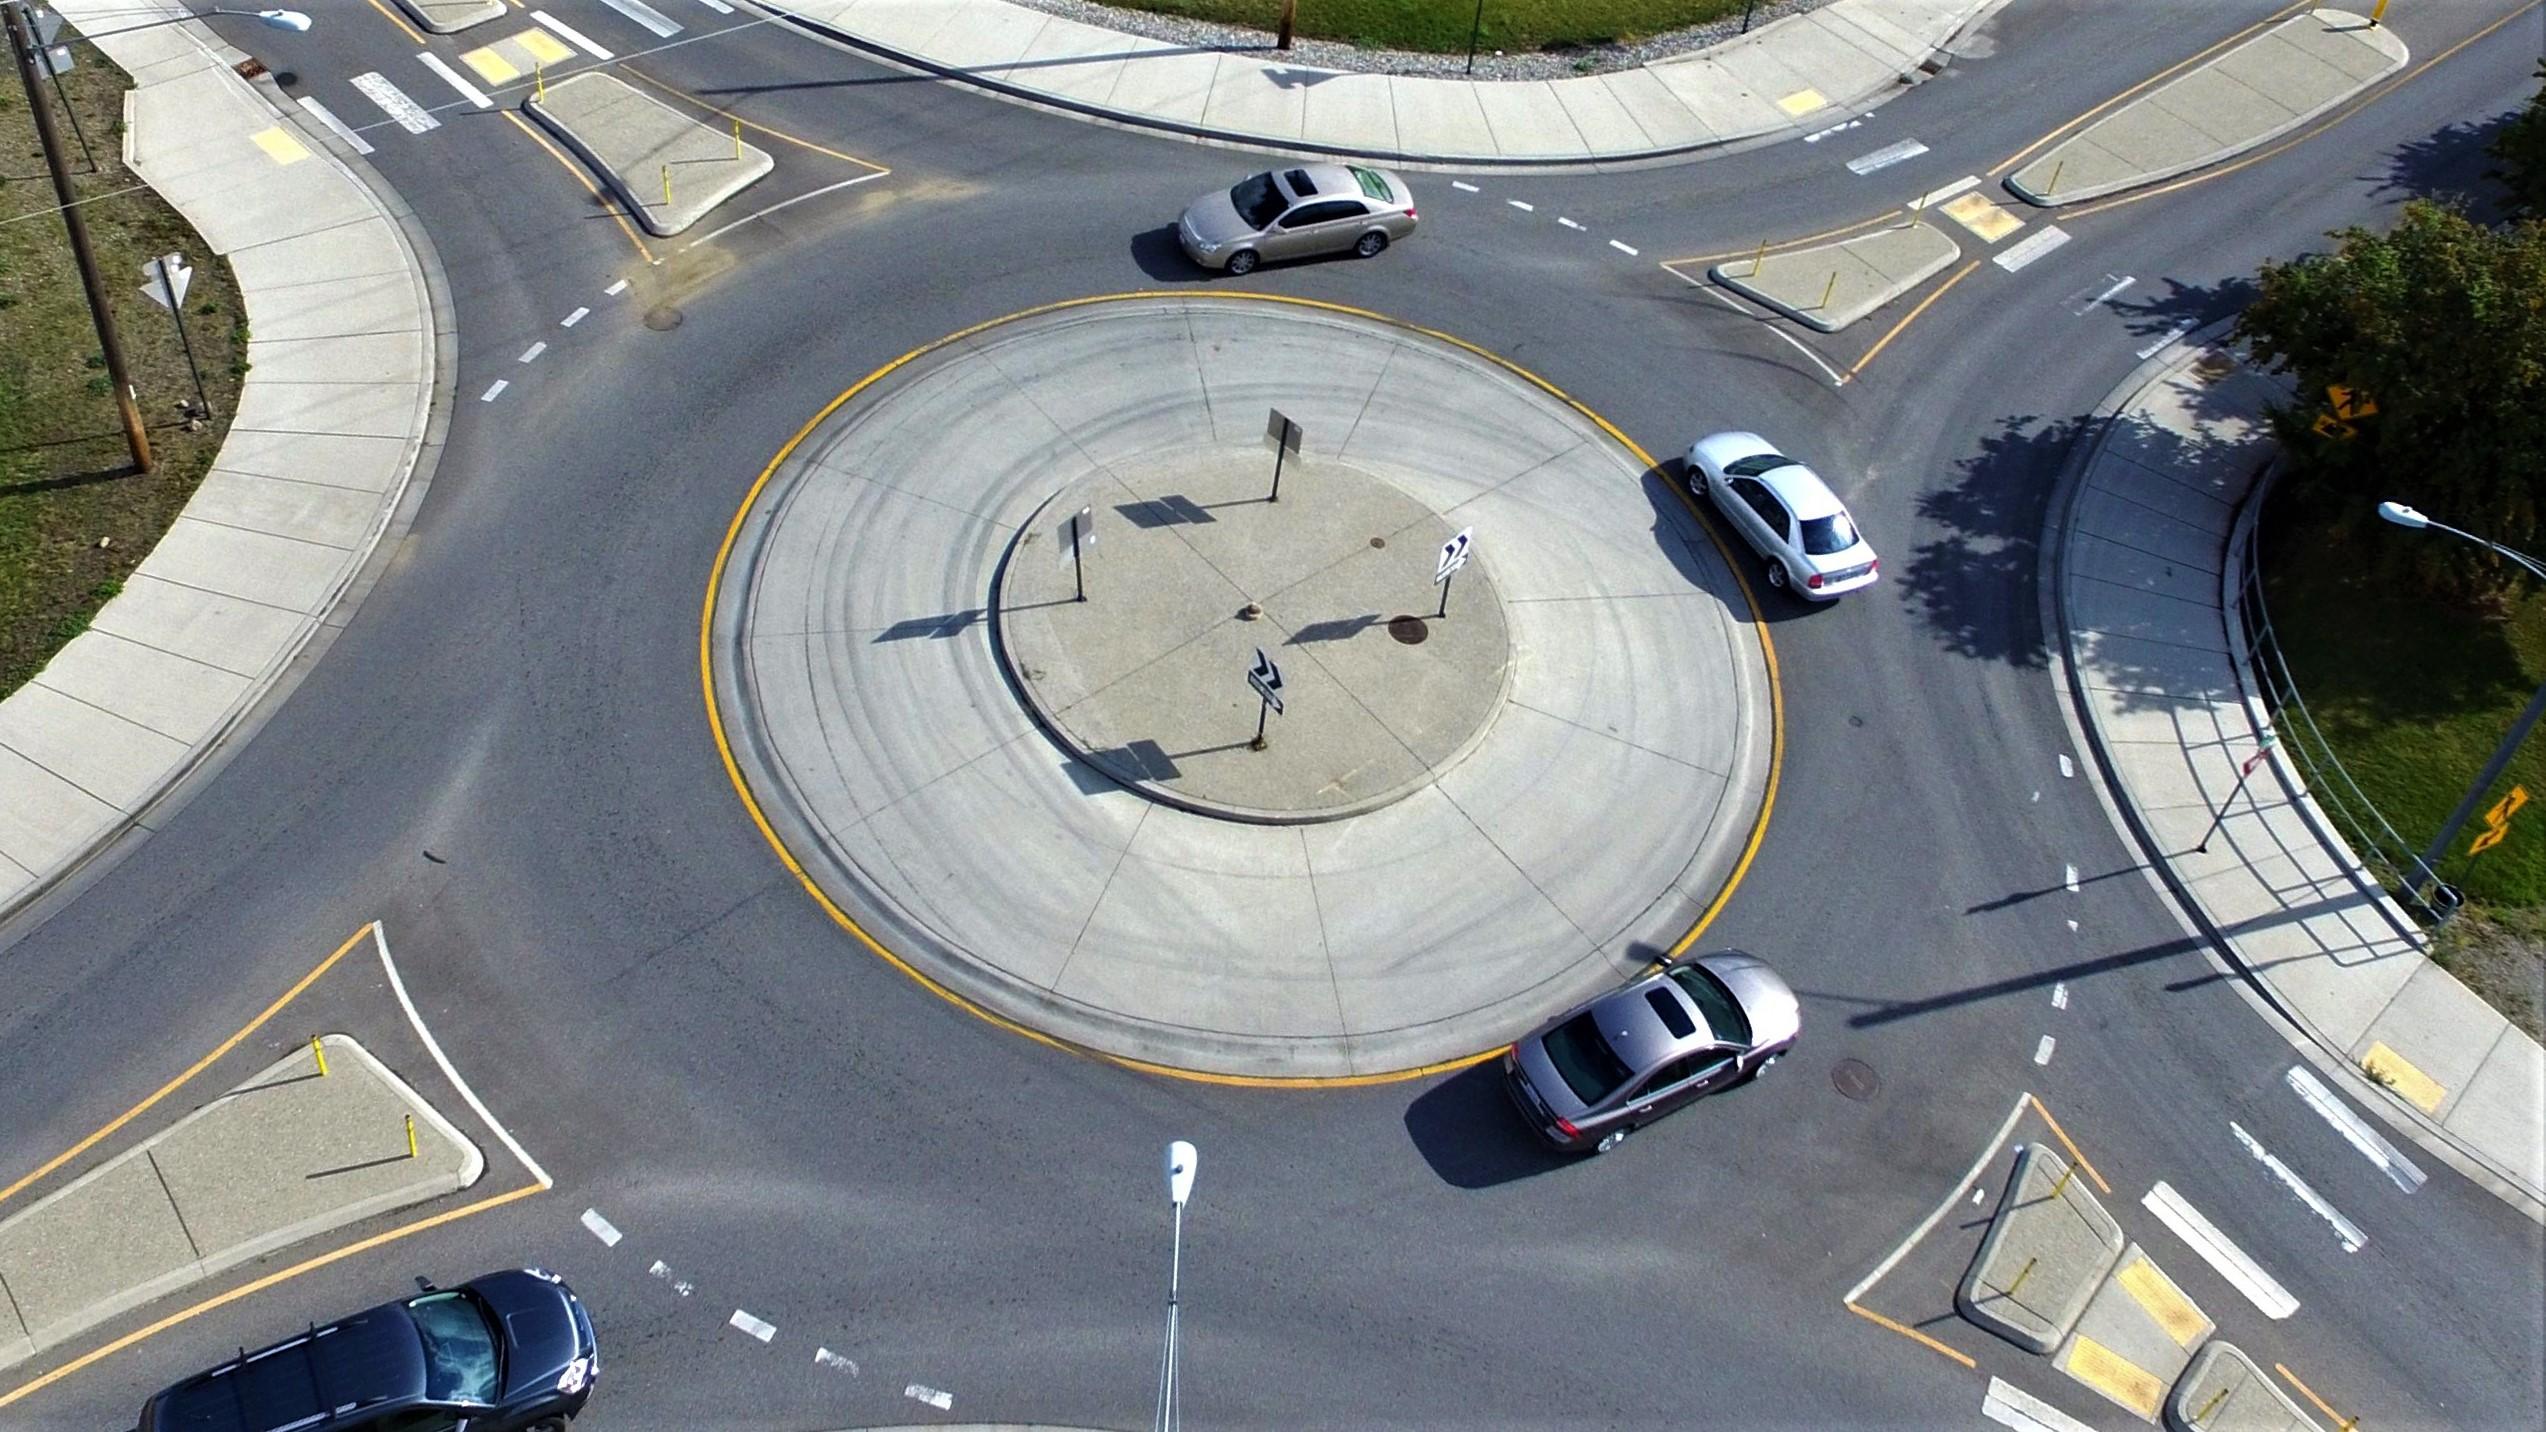 Круговое движение: правила проезда через кольцо